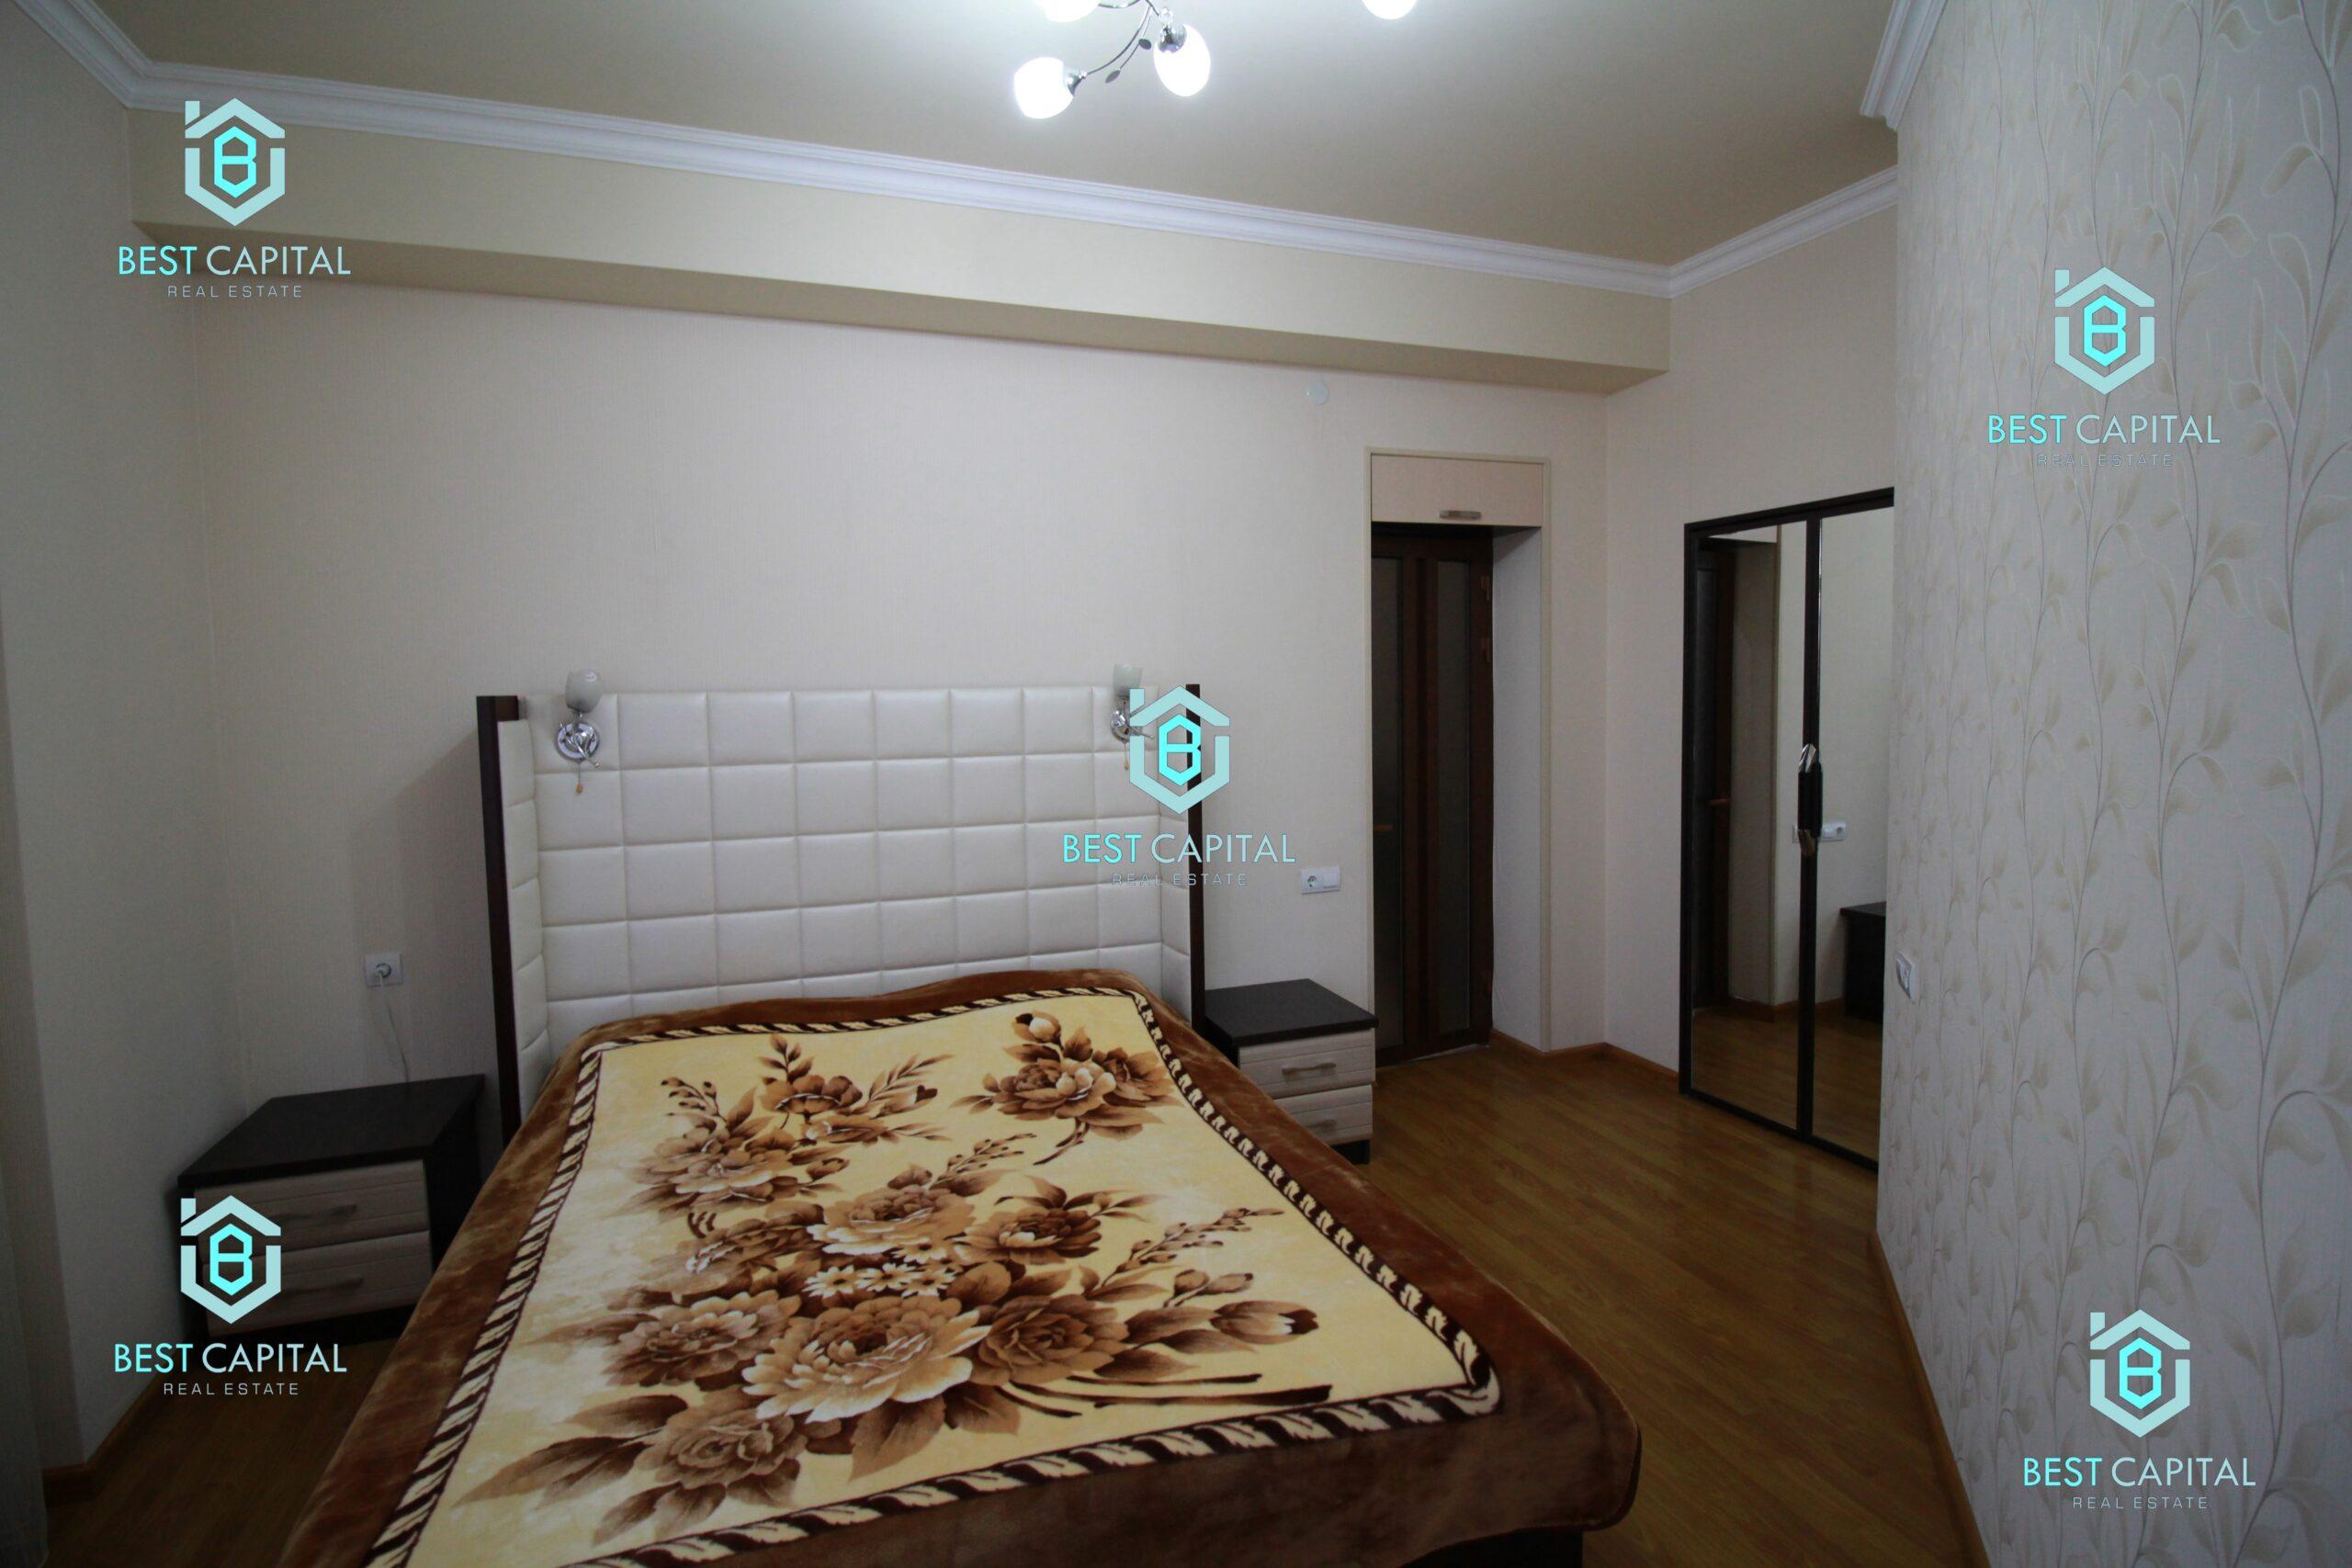 Մամիկոնյանց փողոց, 2 սենյականոց  կապիտալ վերանորոգված  բնակարան, A0832